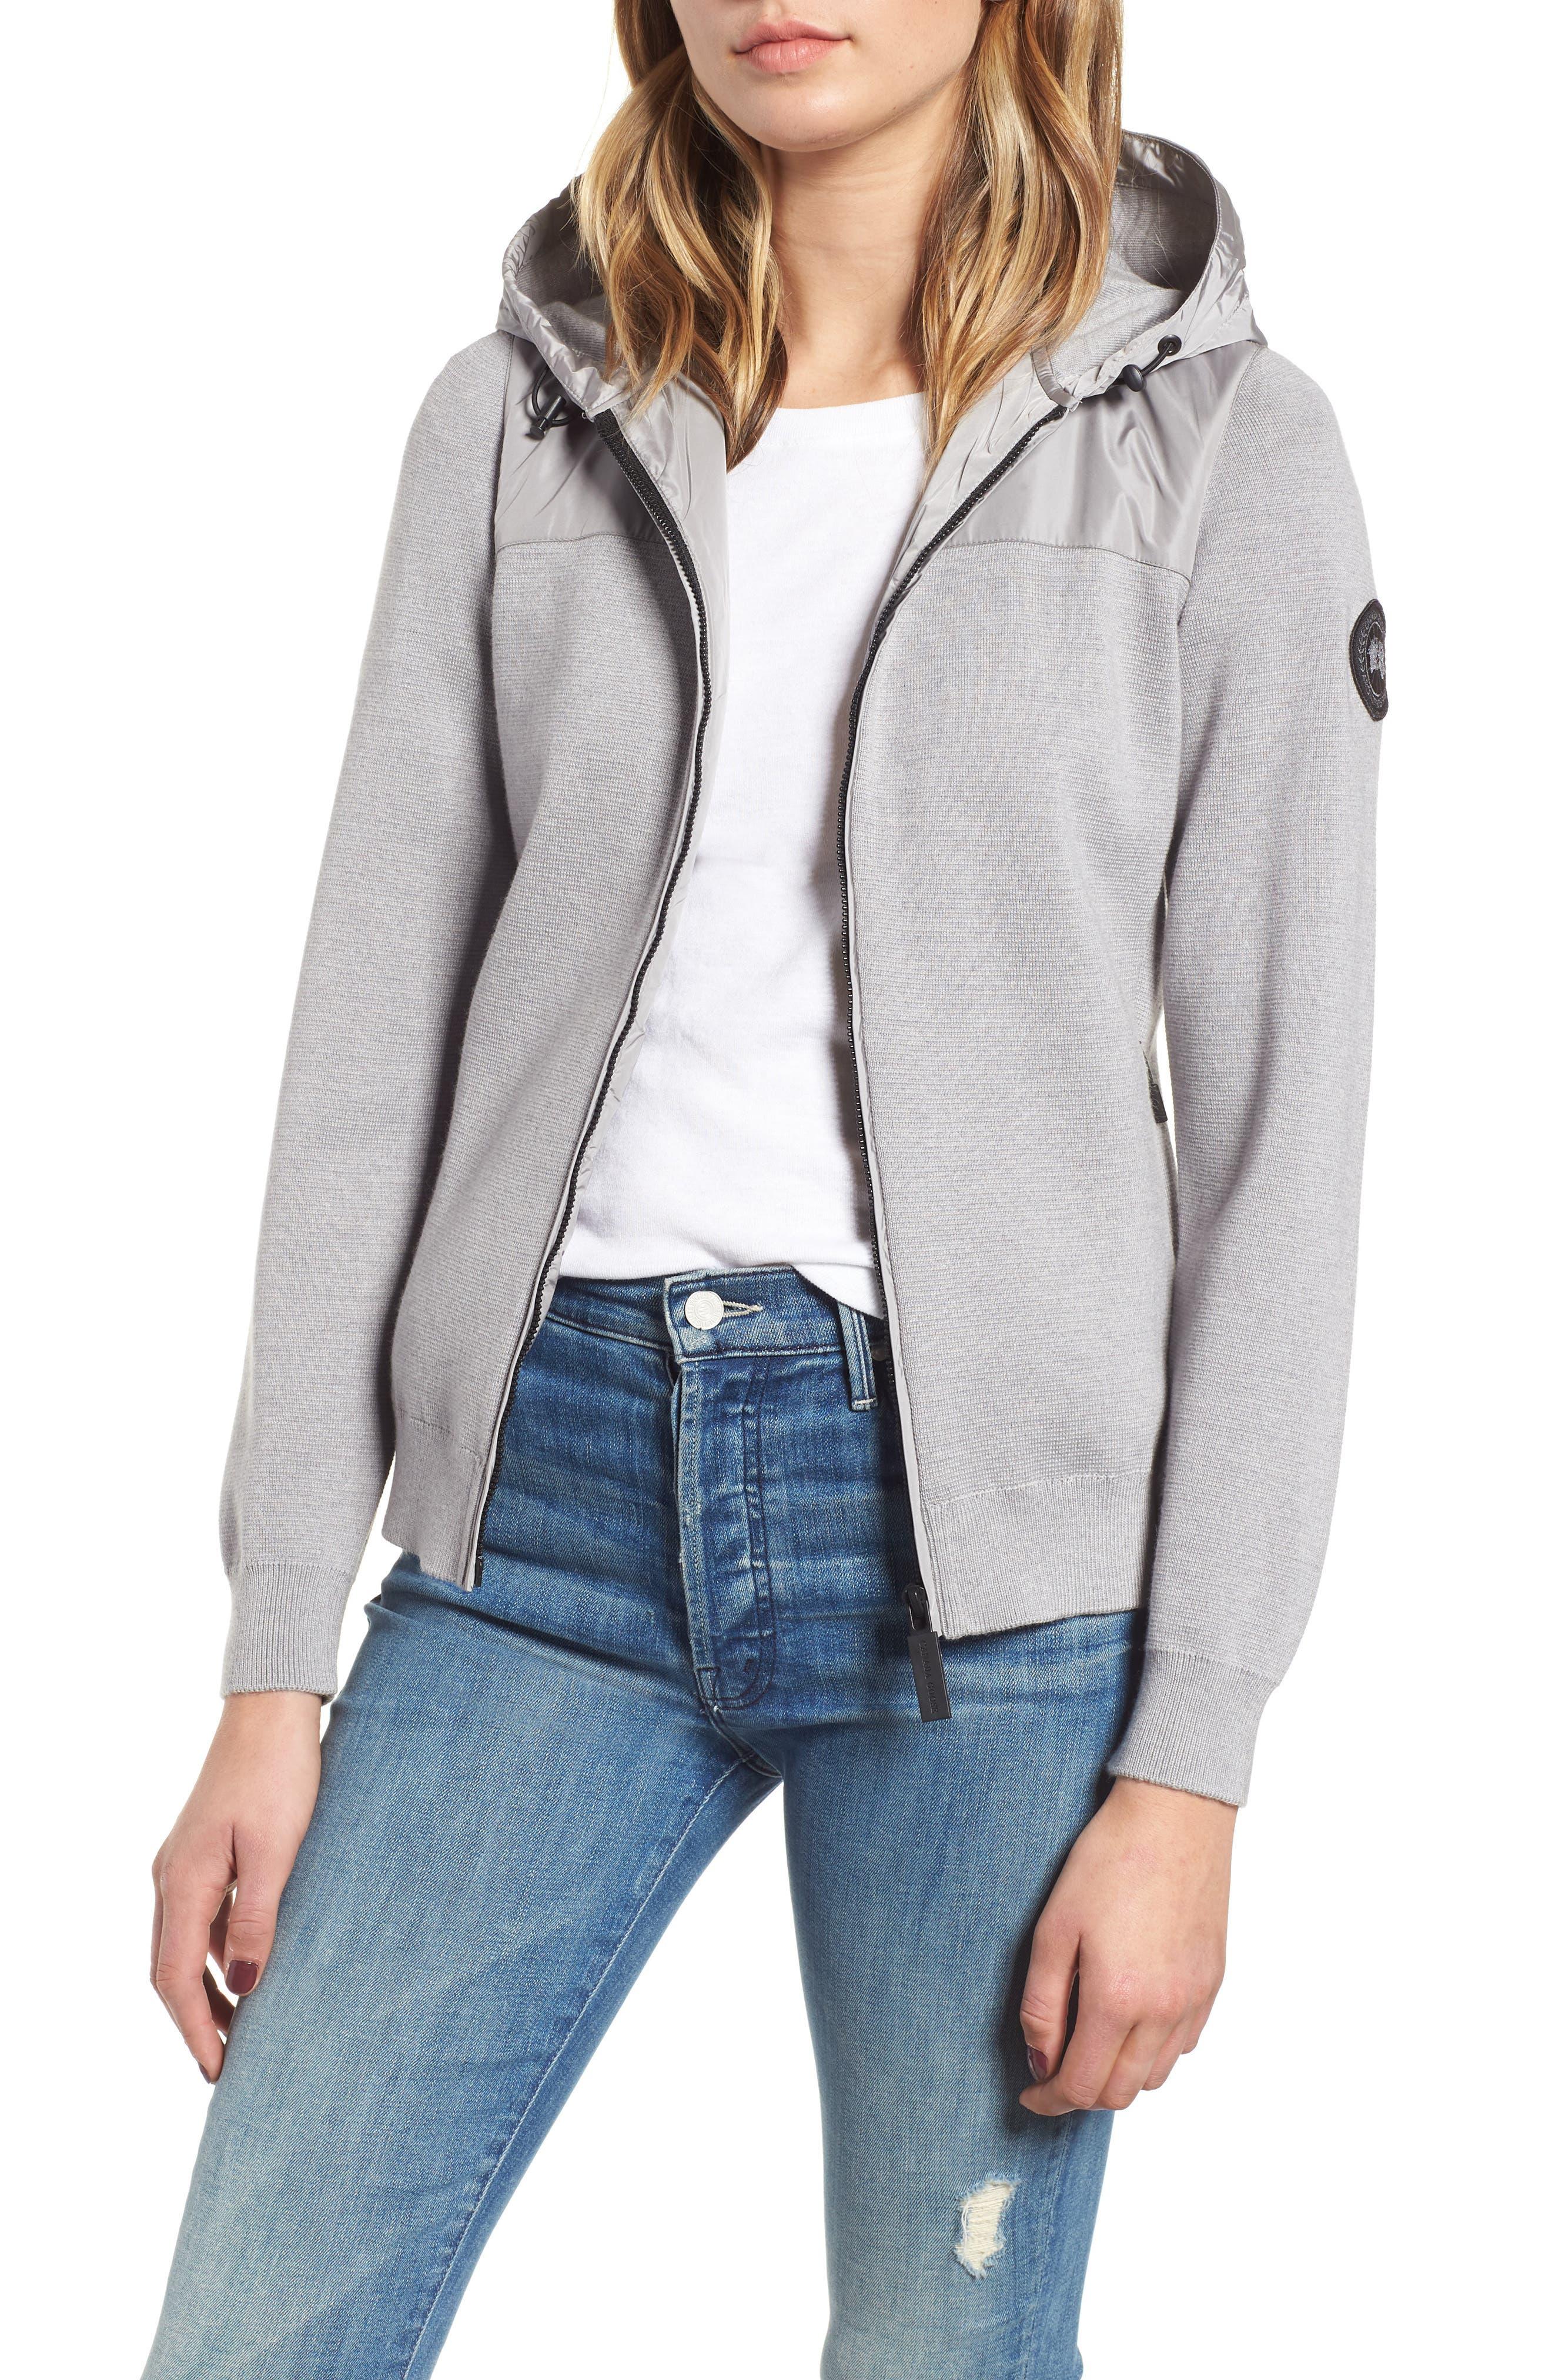 CANADA GOOSE Windbridge Wool & Nylon Hoodie Jacket in Silver Ore